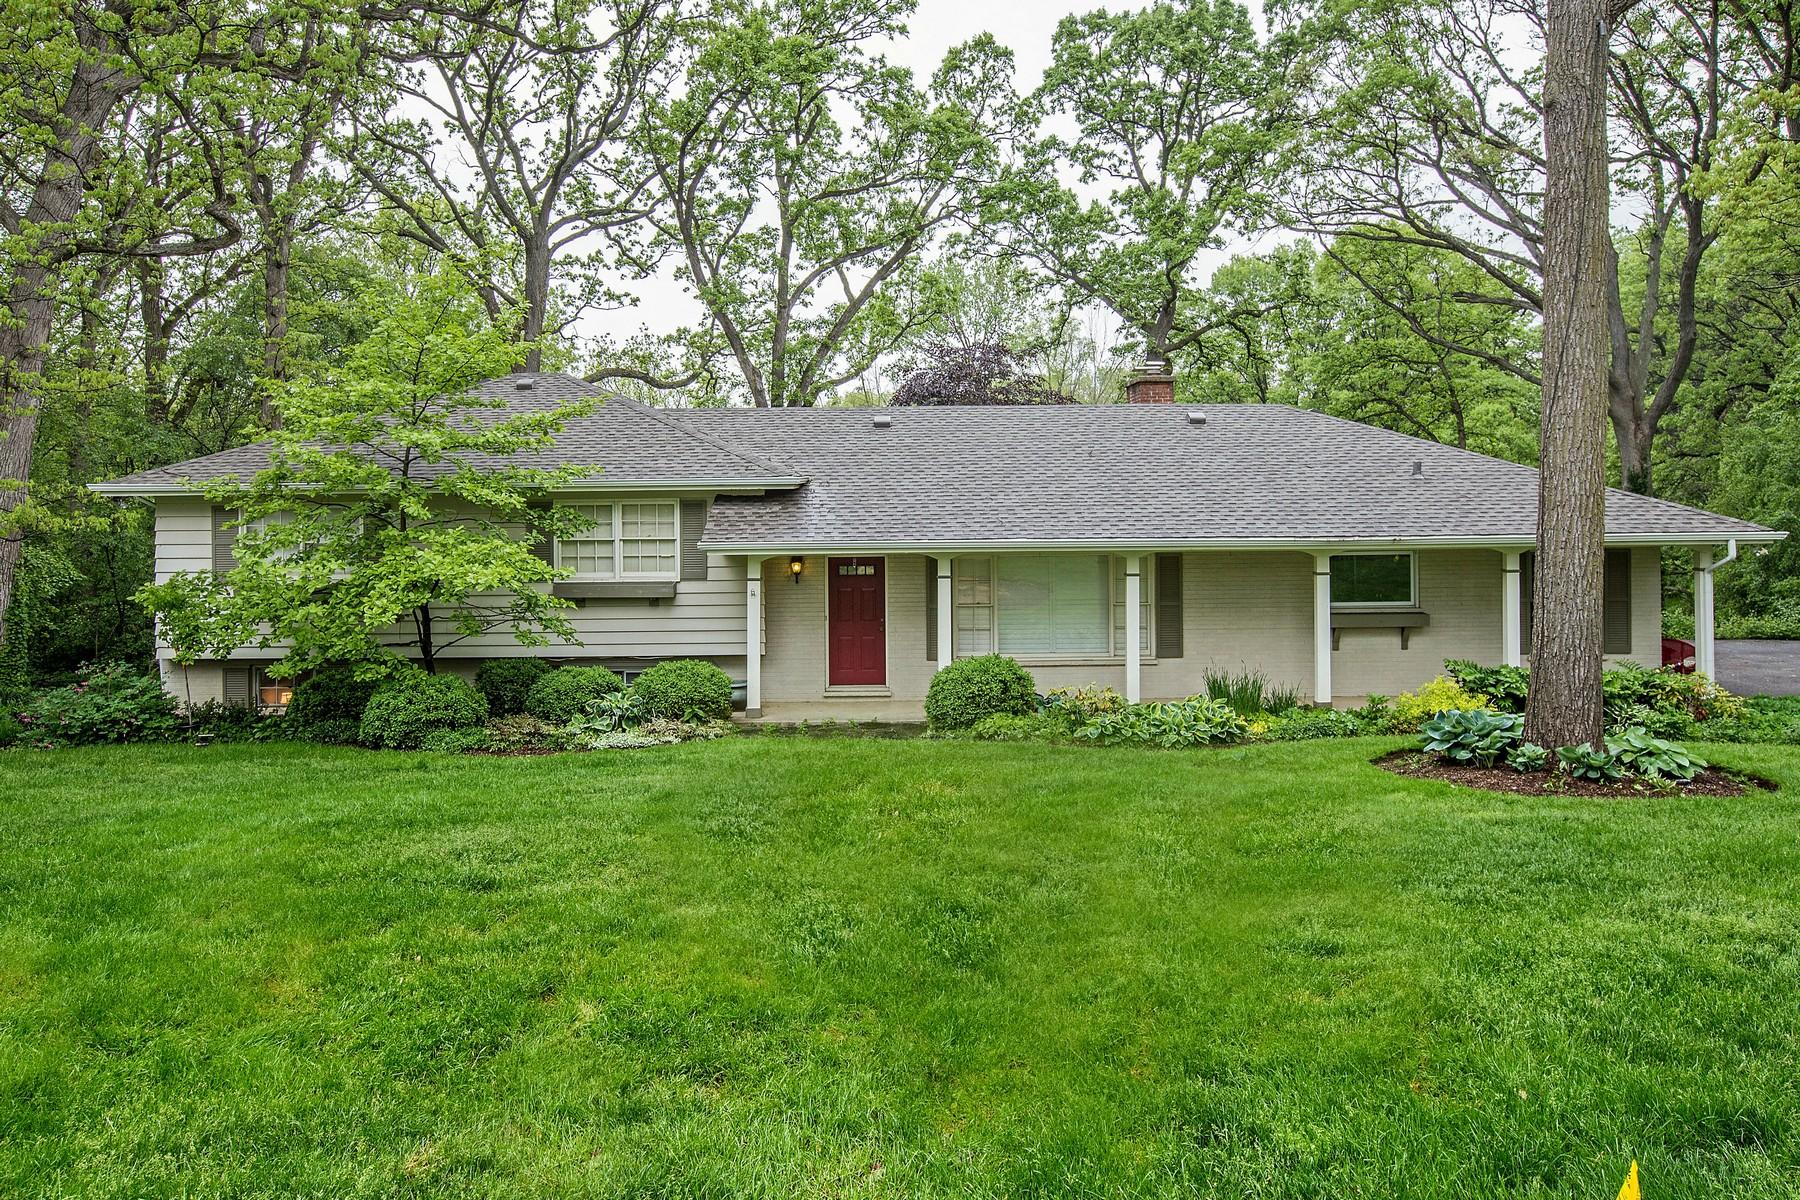 Tek Ailelik Ev için Satış at Beautiful Wooded 2.74 Acre Homesite 1152 Blackburn Drive Inverness, Illinois, 60067 Amerika Birleşik Devletleri